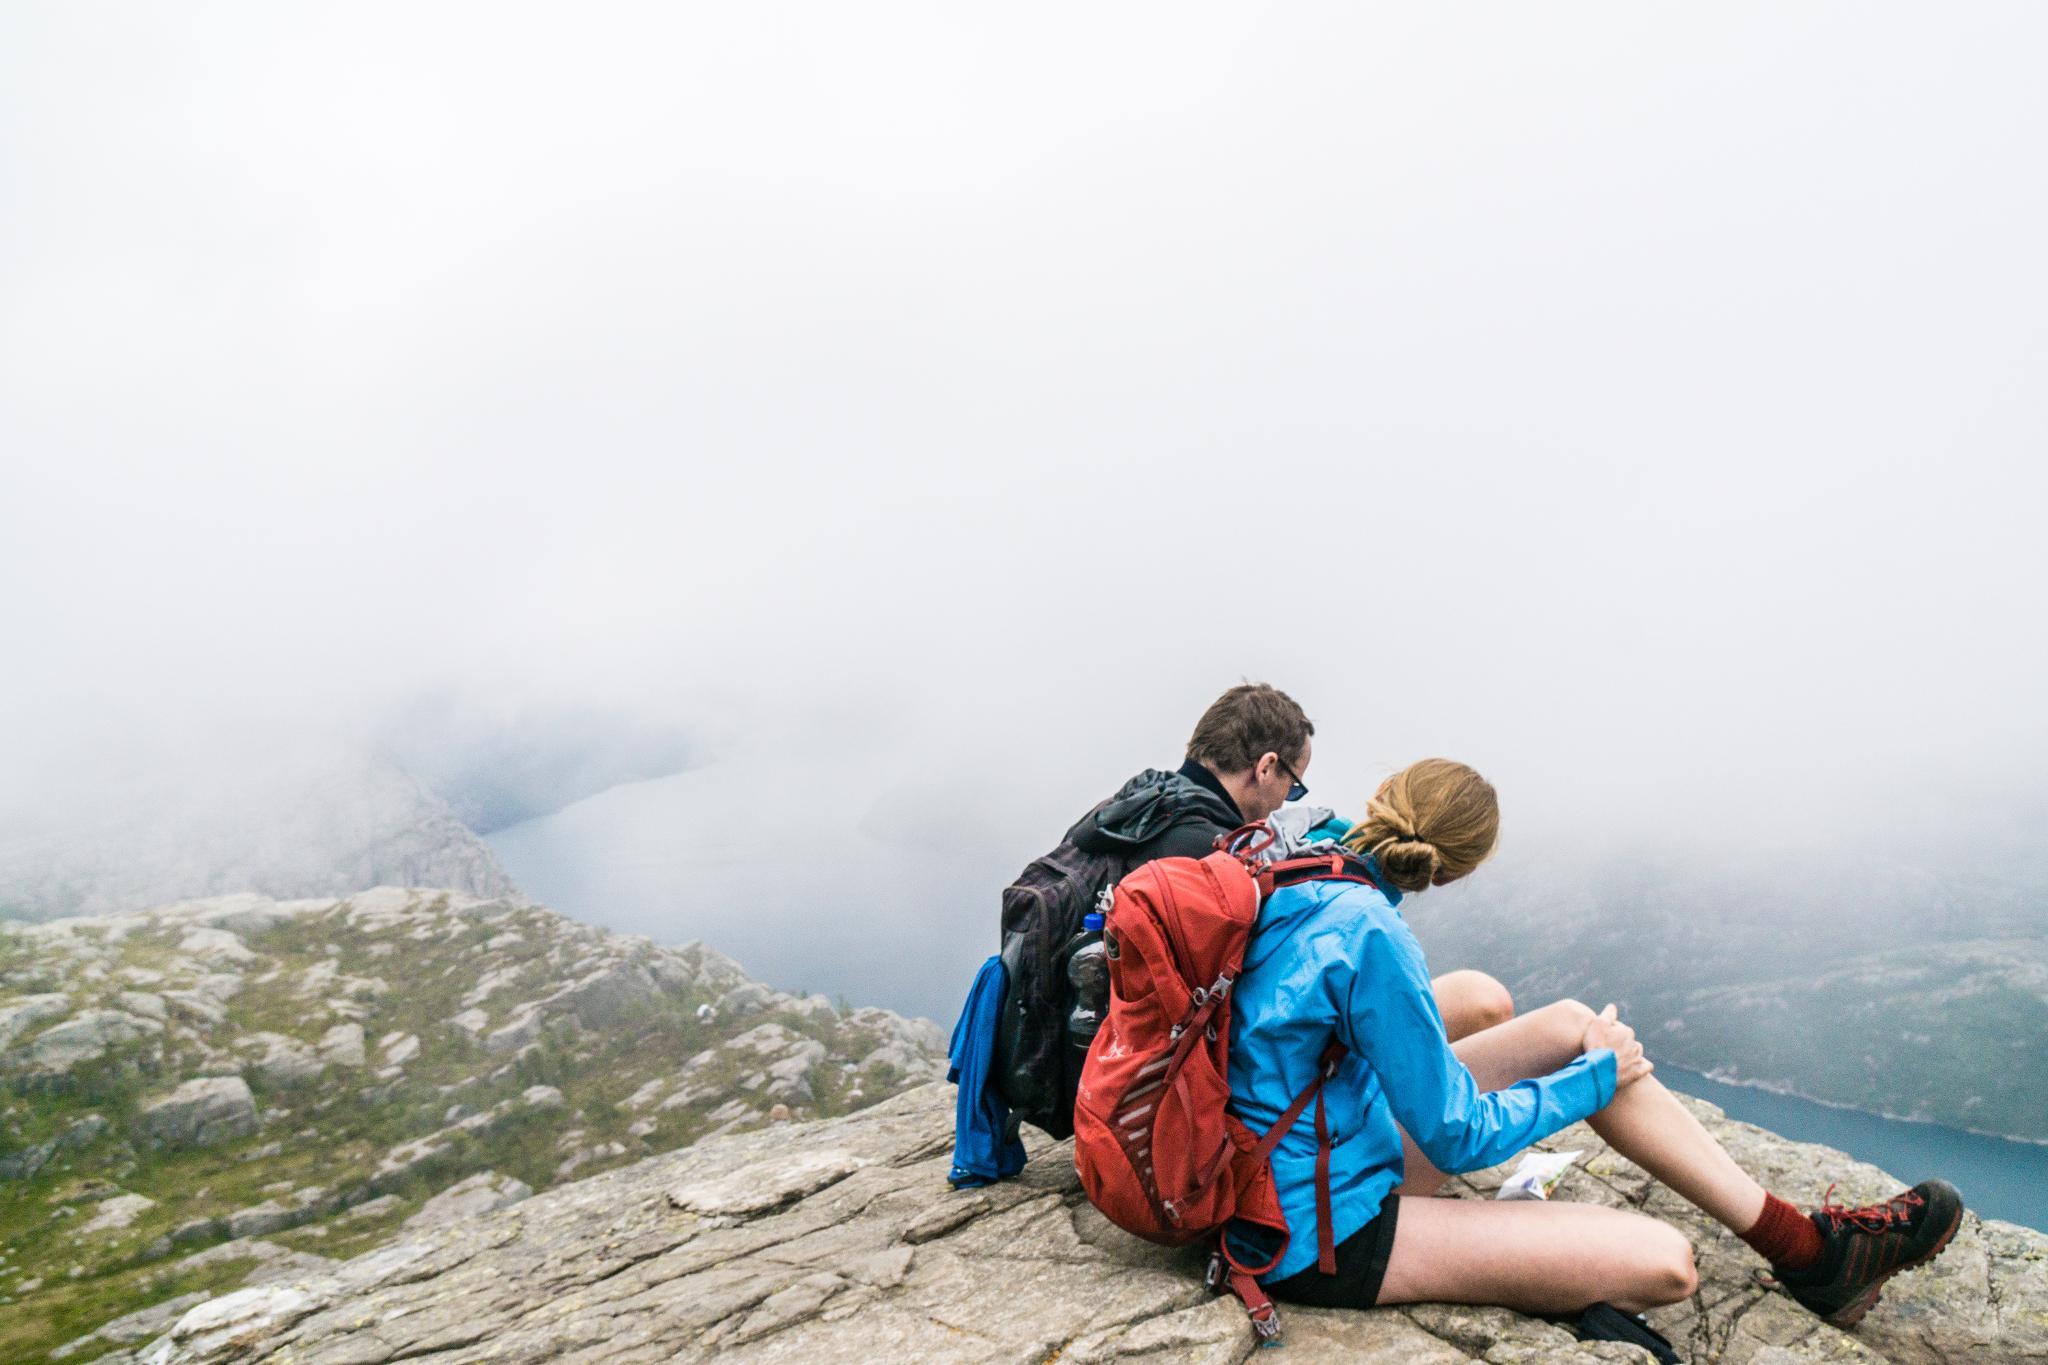 【北歐景點】朝聖挪威三大奇岩:聖壇岩Preikestolen健行紀錄 24